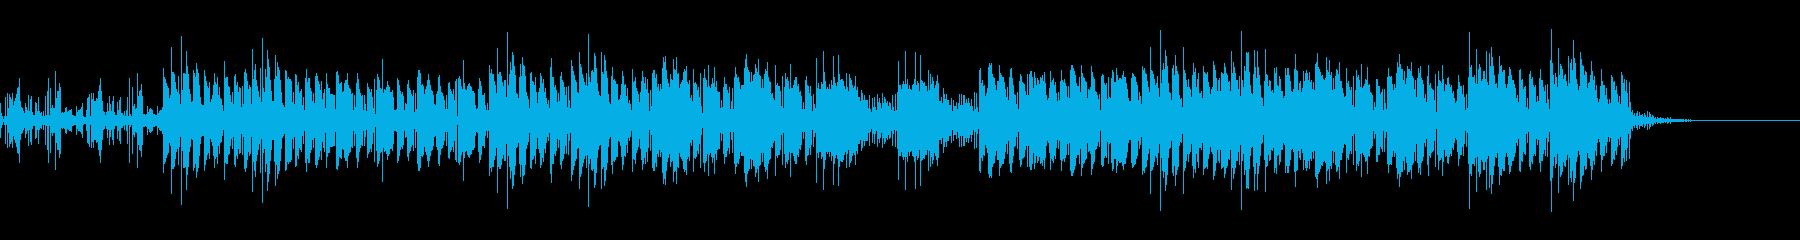 おしゃれ・機械的・EDMの再生済みの波形